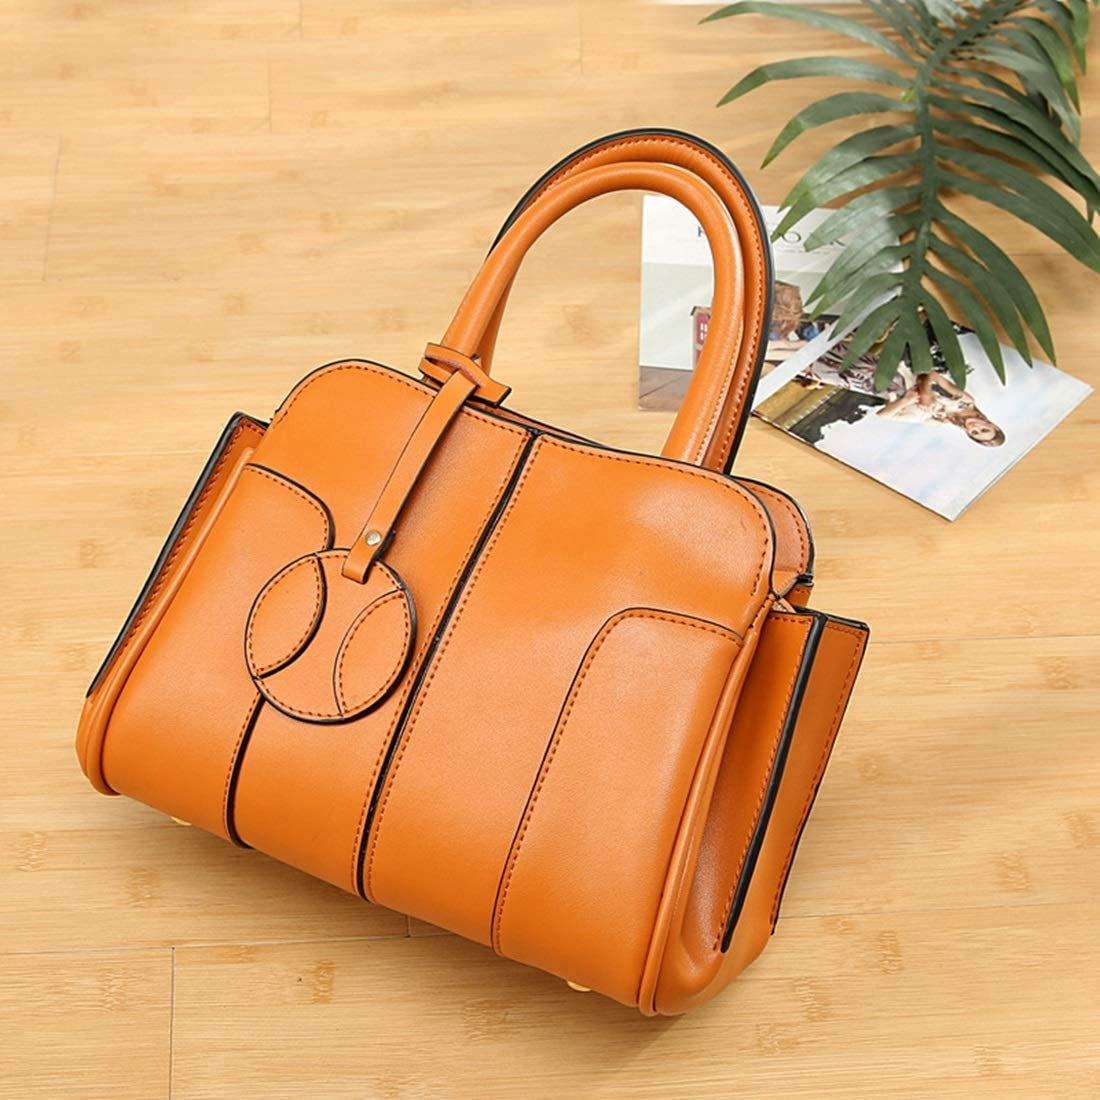 Lorachun Female Elegant Craftsmanship Bag Hit Color Shoulder Bag Messenger Bag Large-capacity HandBag